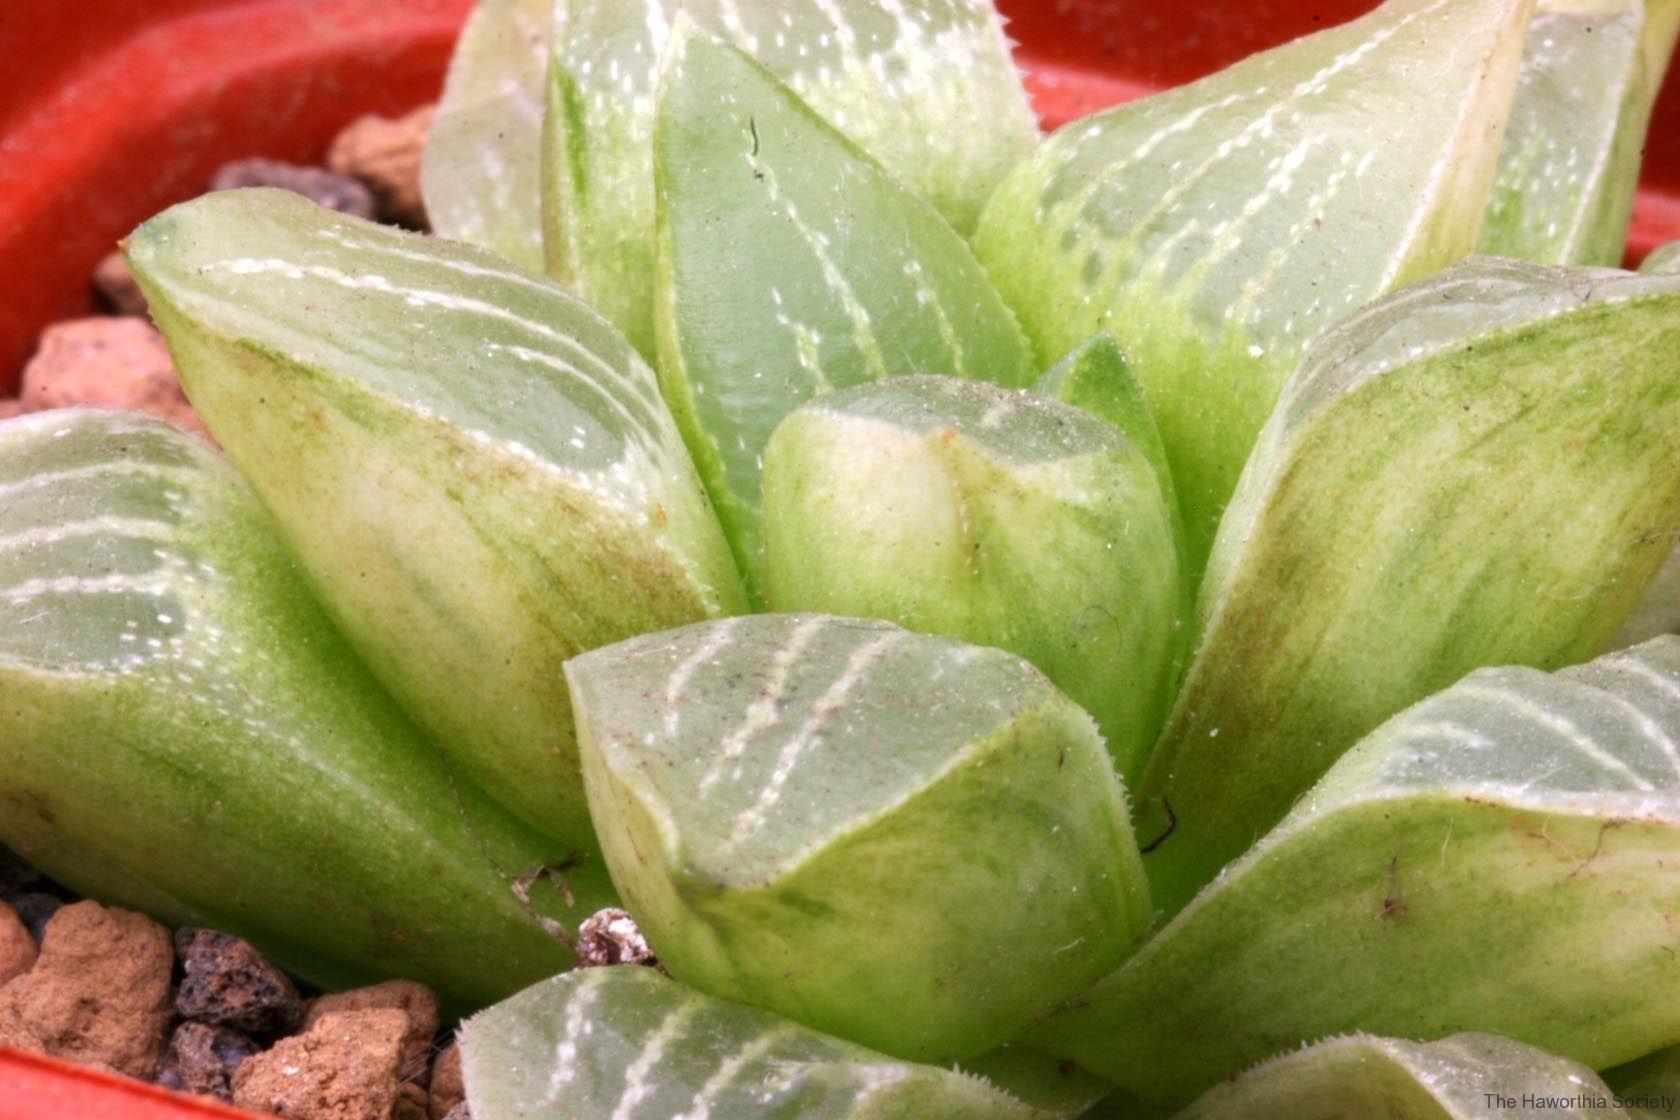 Haworthia mutica (otzenii) Variegate Ham1802 Show seasonal variegation. Good variegation appears only during growing seasons